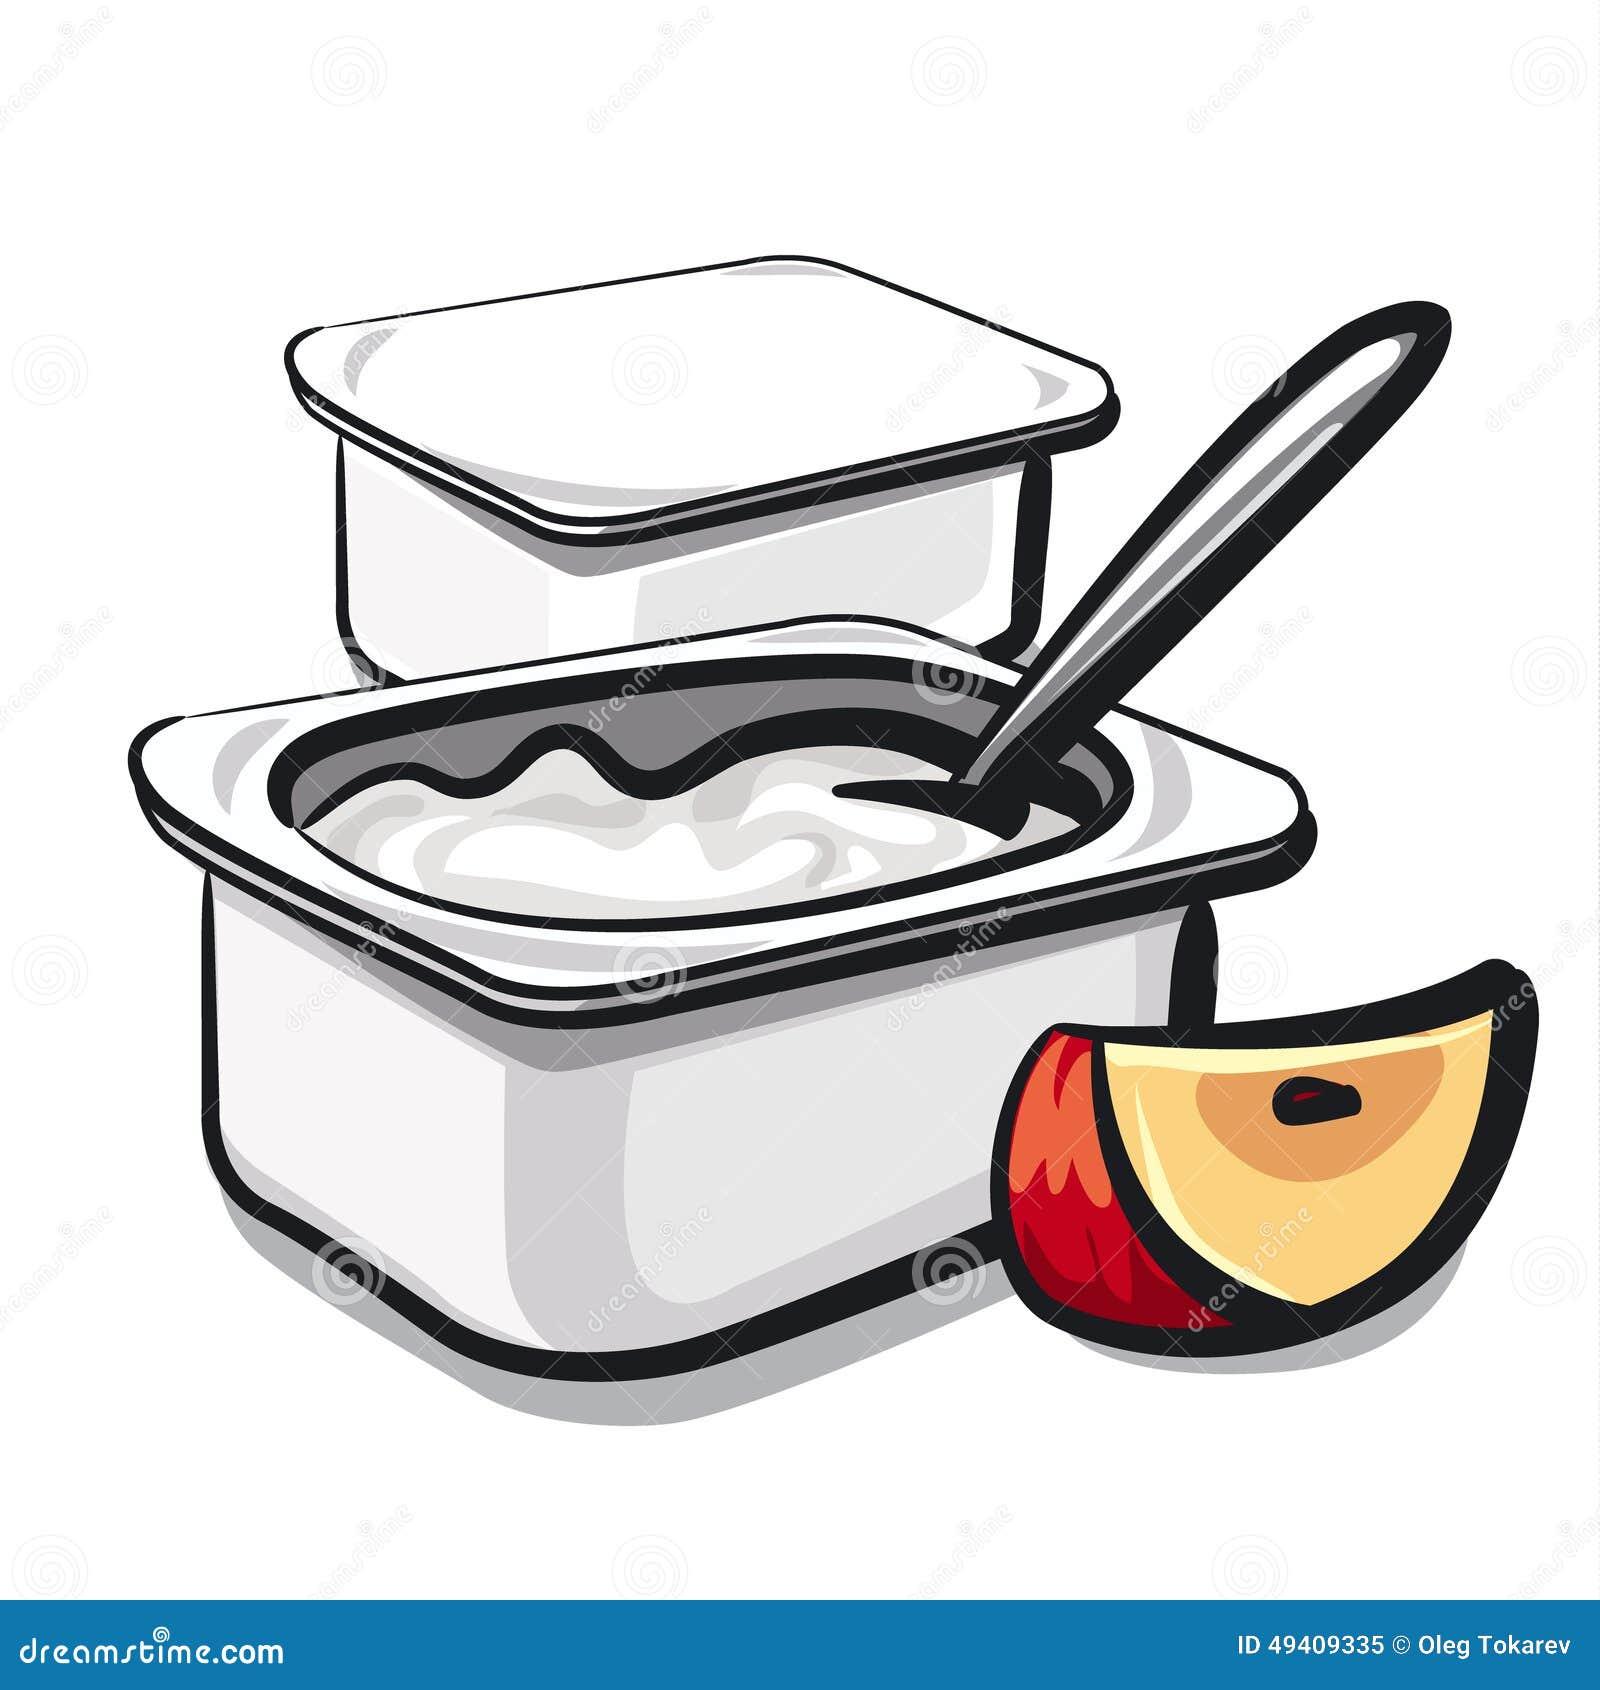 Download Jogurt mit Apfel stock abbildung. Illustration von süß - 49409335